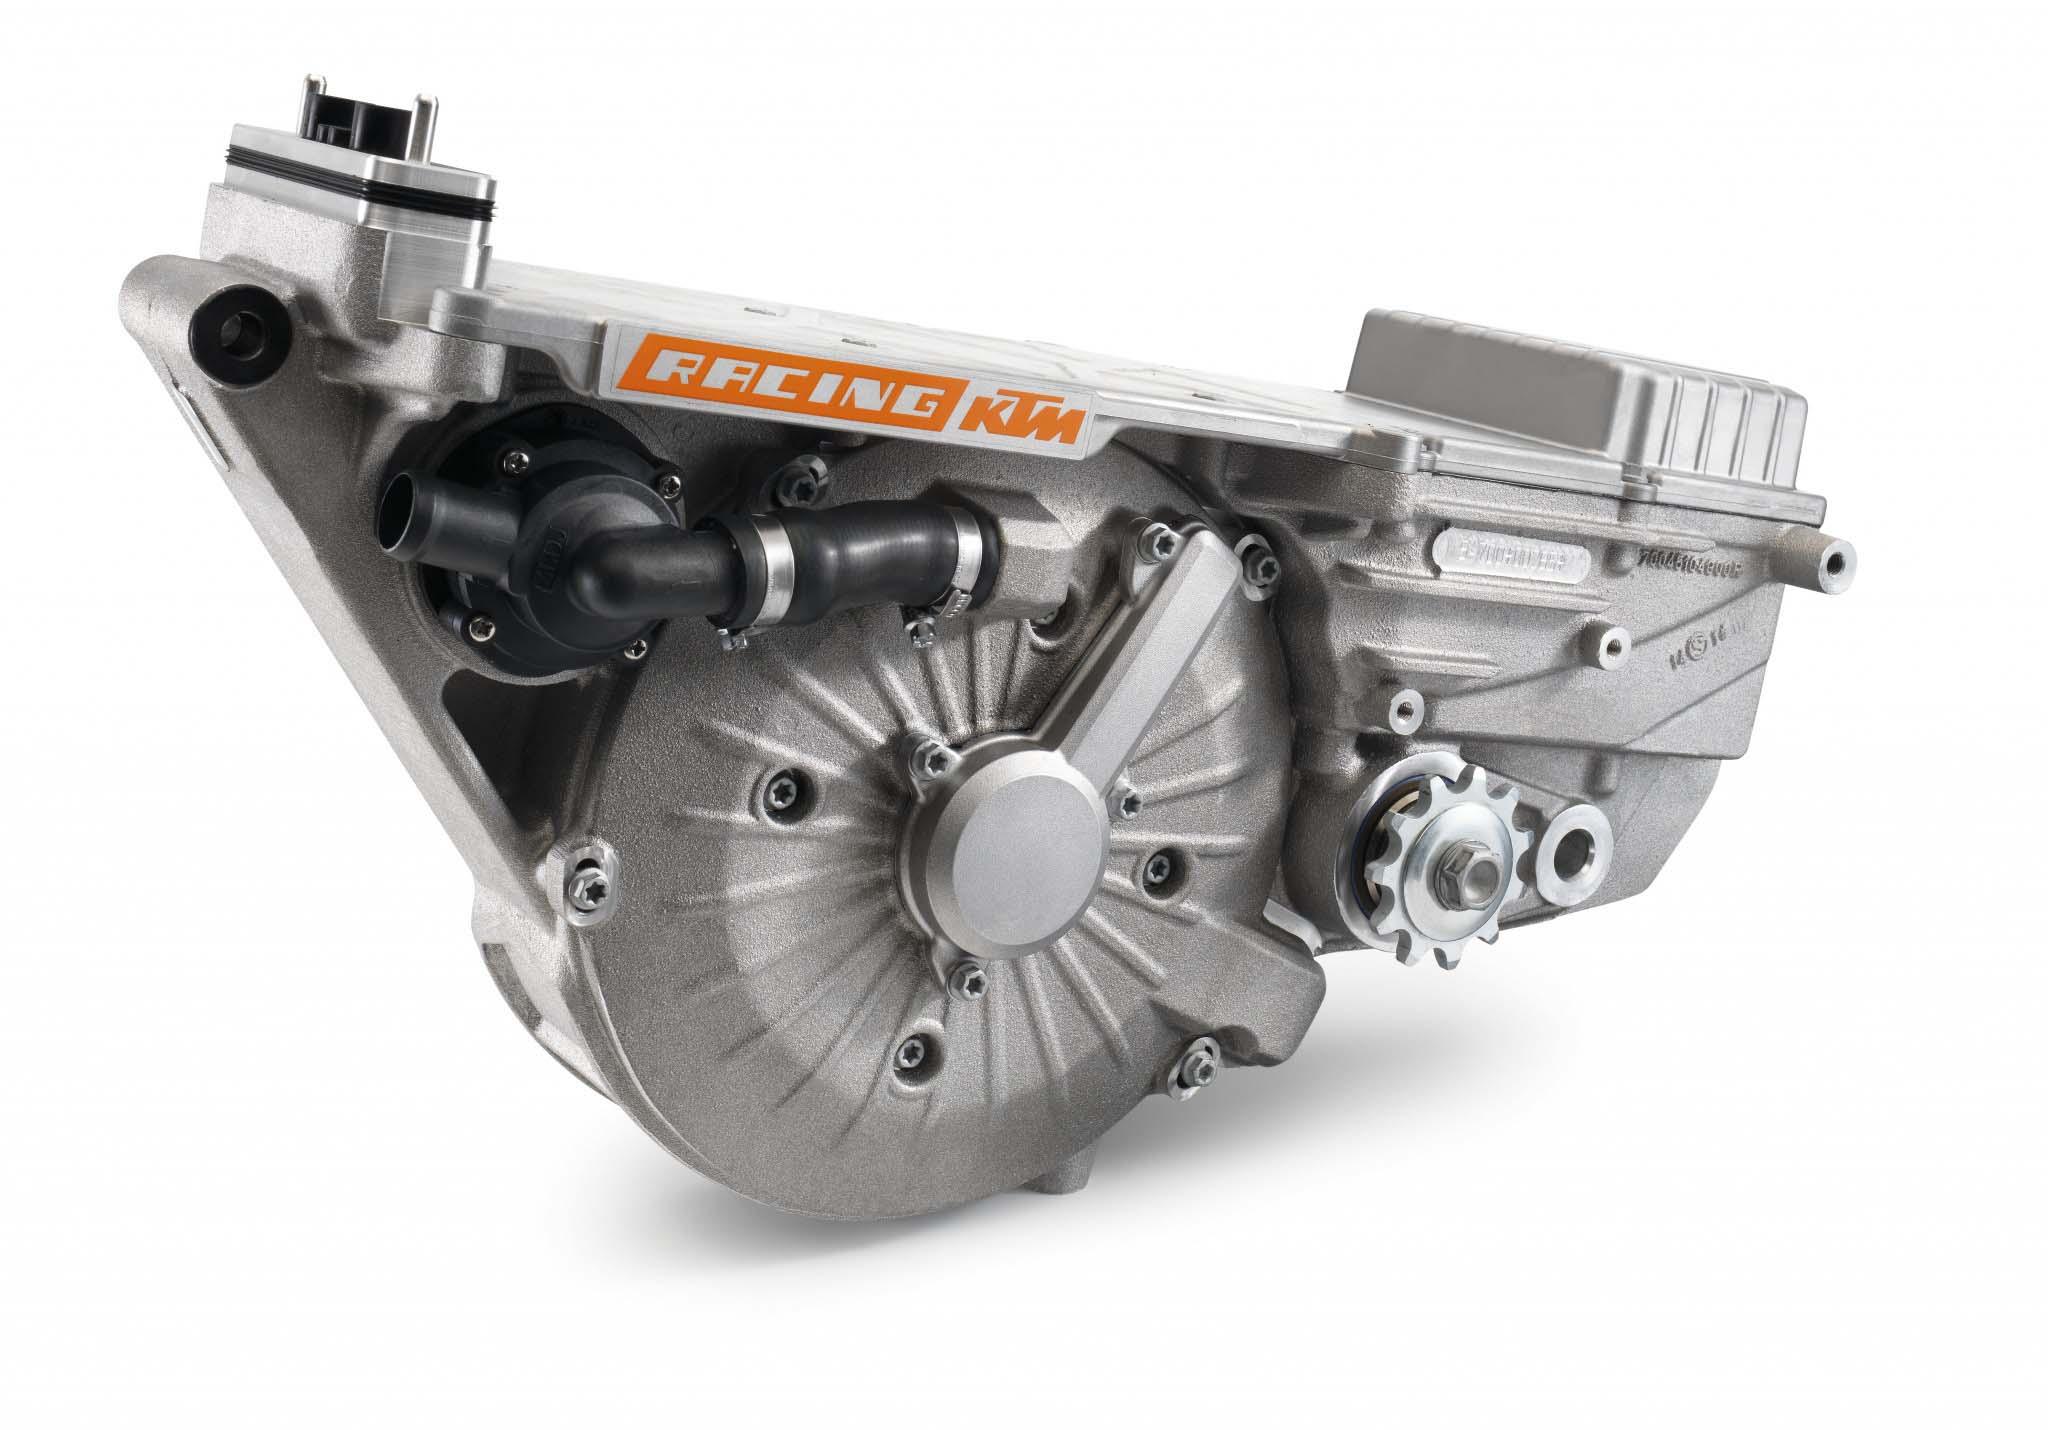 Ktm Freeride E Sm >> 2015 KTM Freeride E-SM - A Proper Electric Supermoto ...